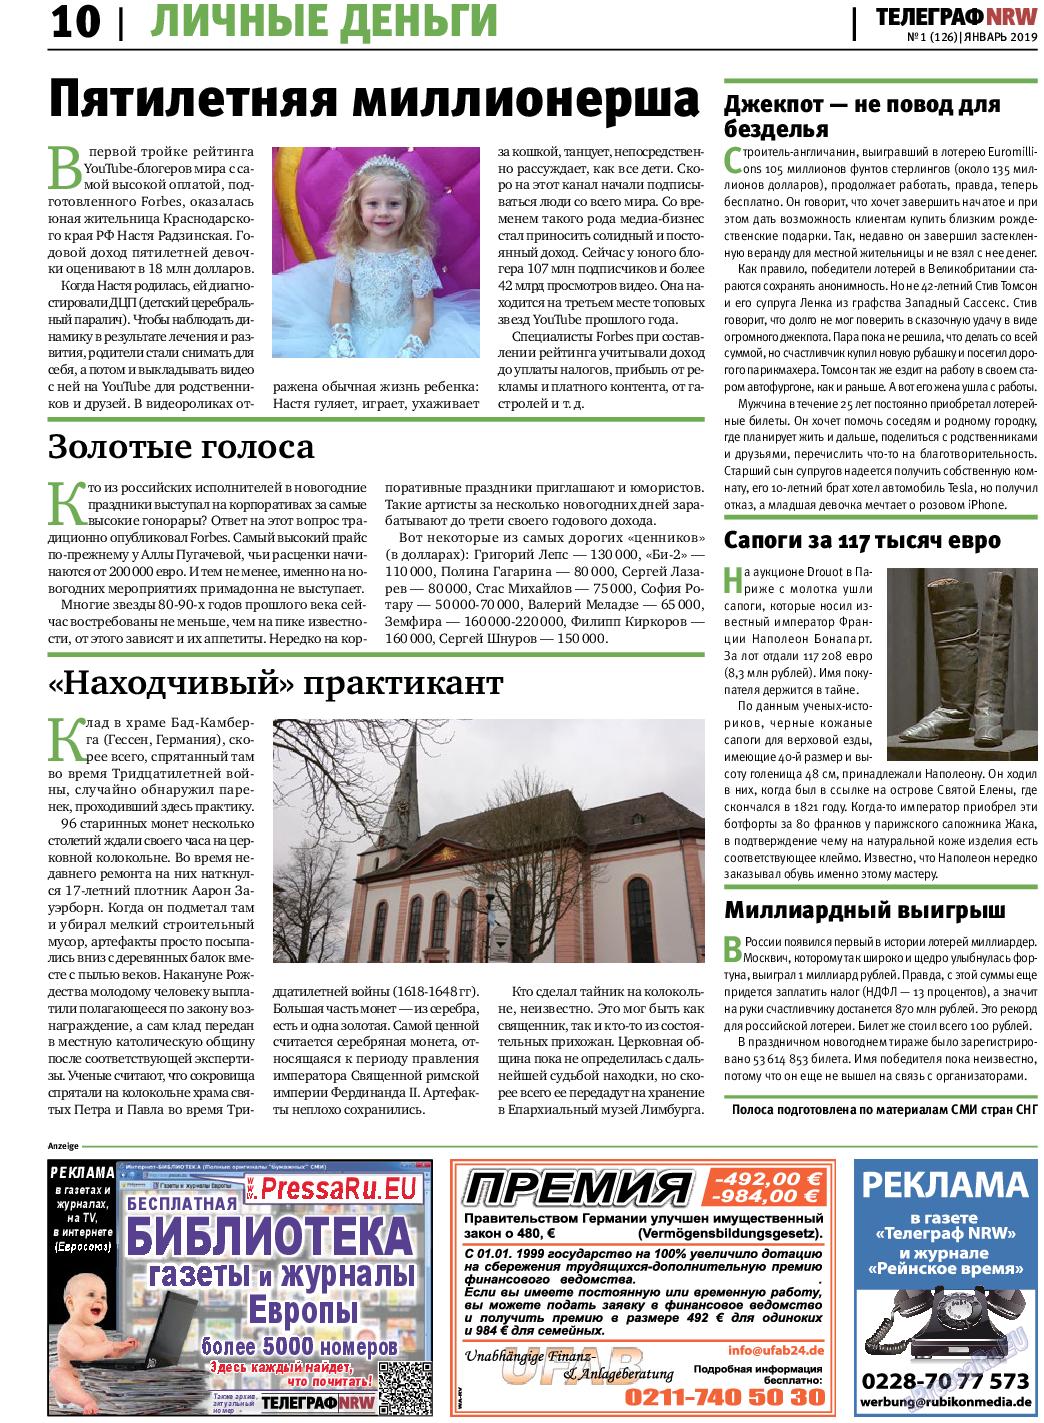 Телеграф NRW (газета). 2020 год, номер 1, стр. 10